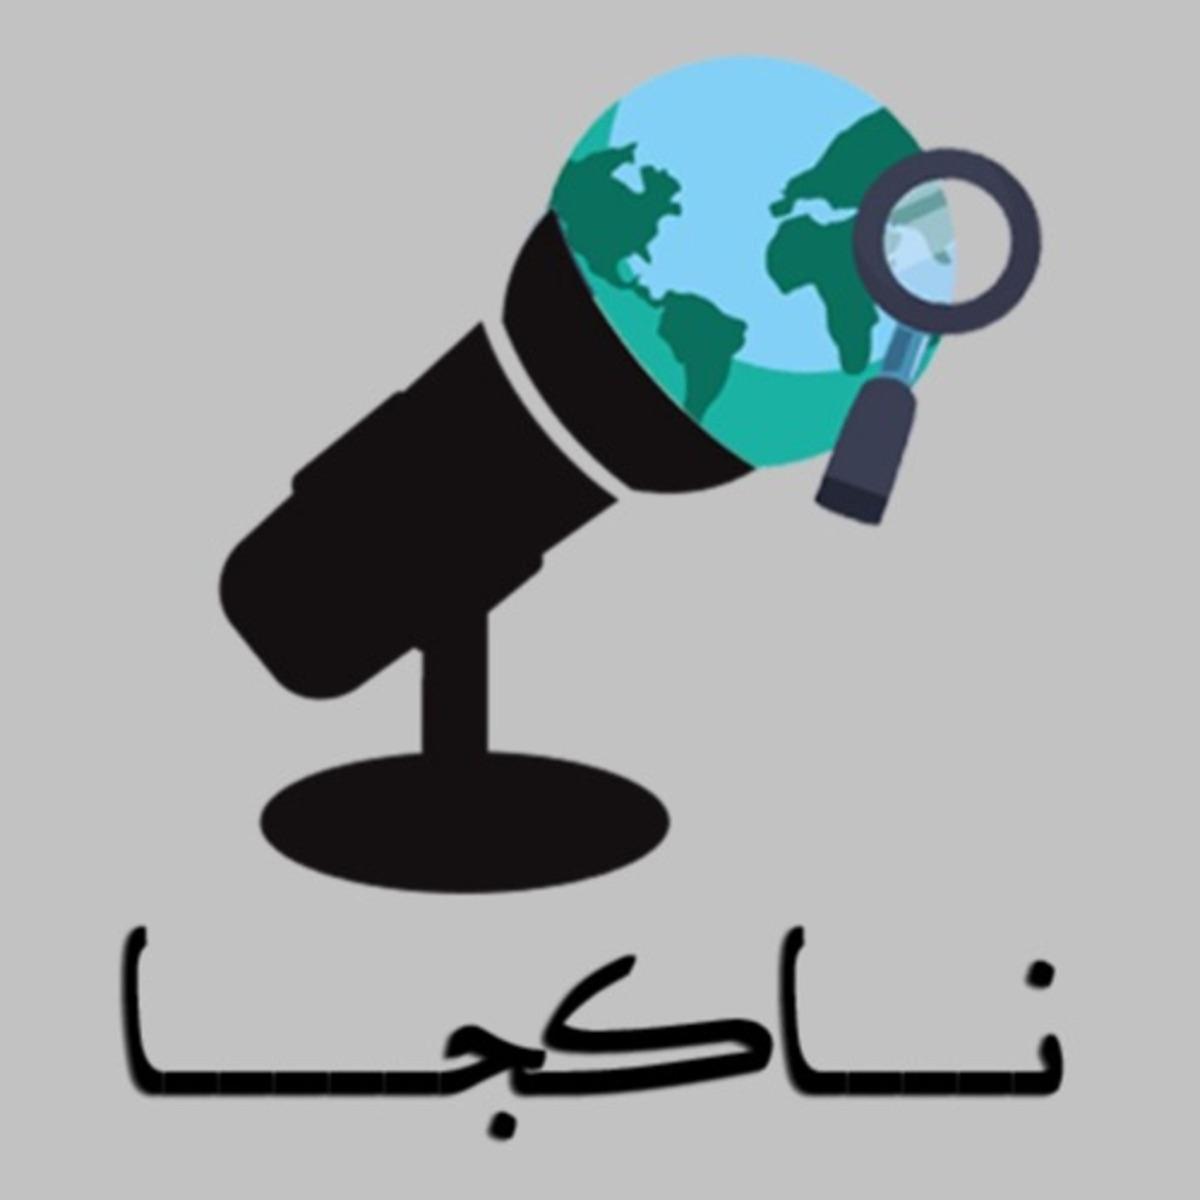 پادکست فارسی ناکجا NakojaPod